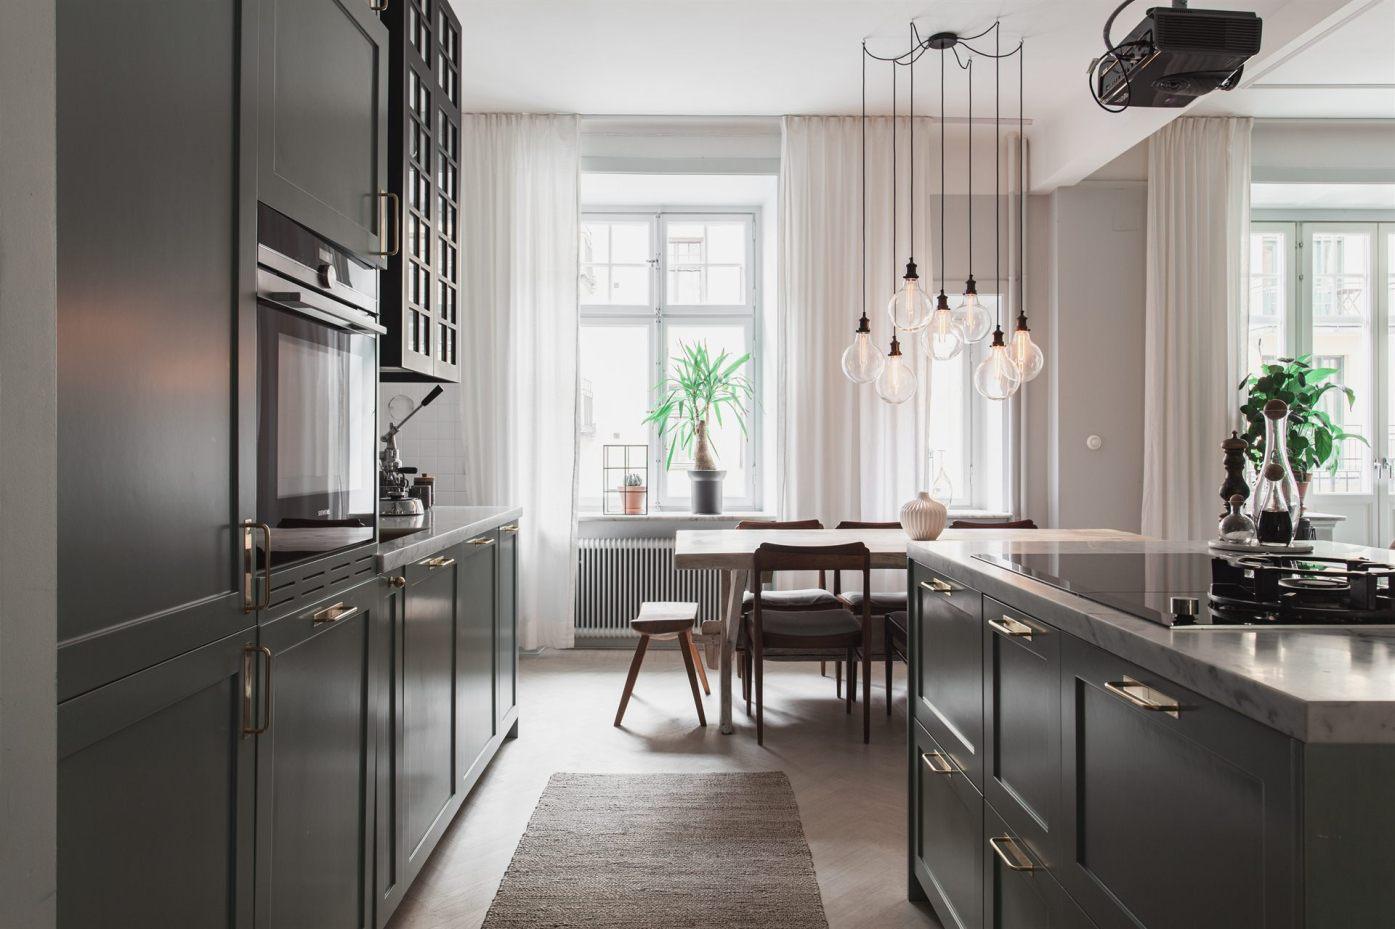 квартира 67 квм кухня столовая